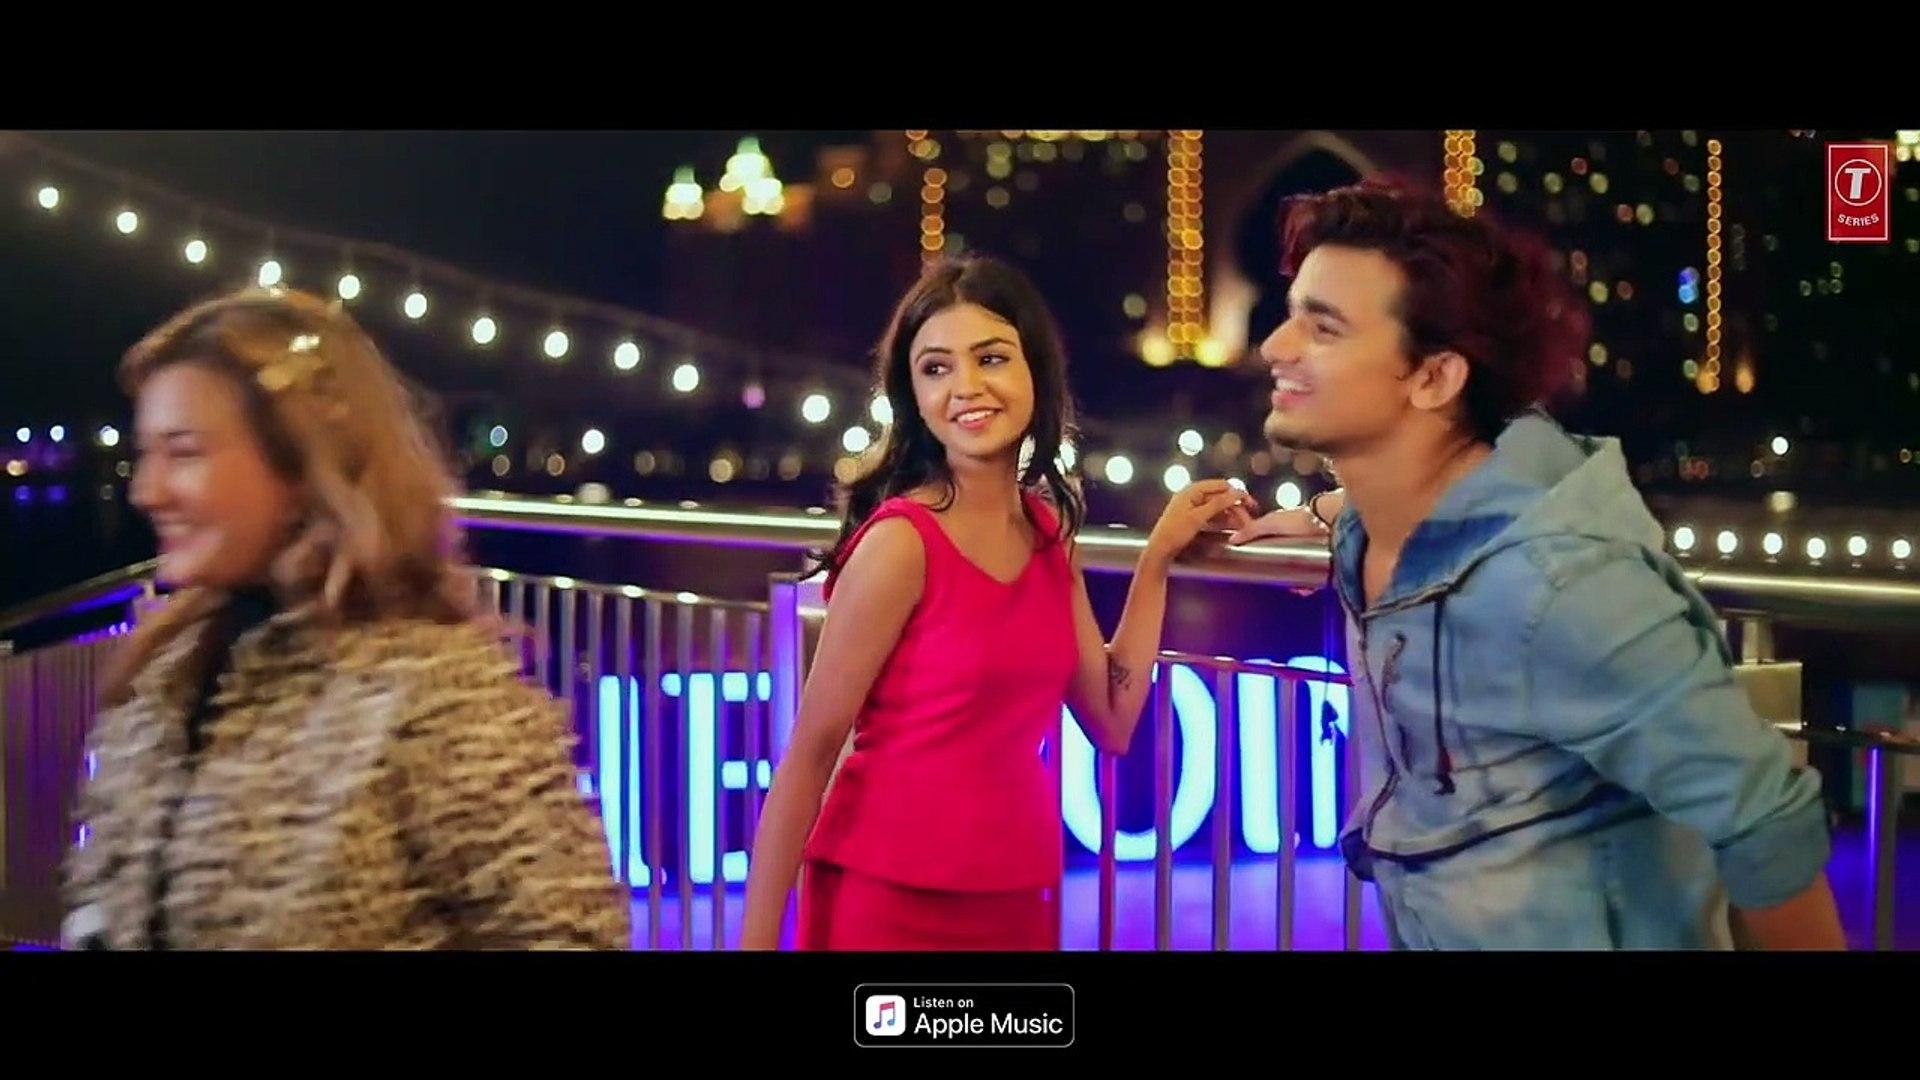 Rovaan_Layi_(Official_Song)_Ramji_Gulati_|_Aashika_Bhatia,_Vishal_Pandey,_Purabi_Bhargava_|_T-Series